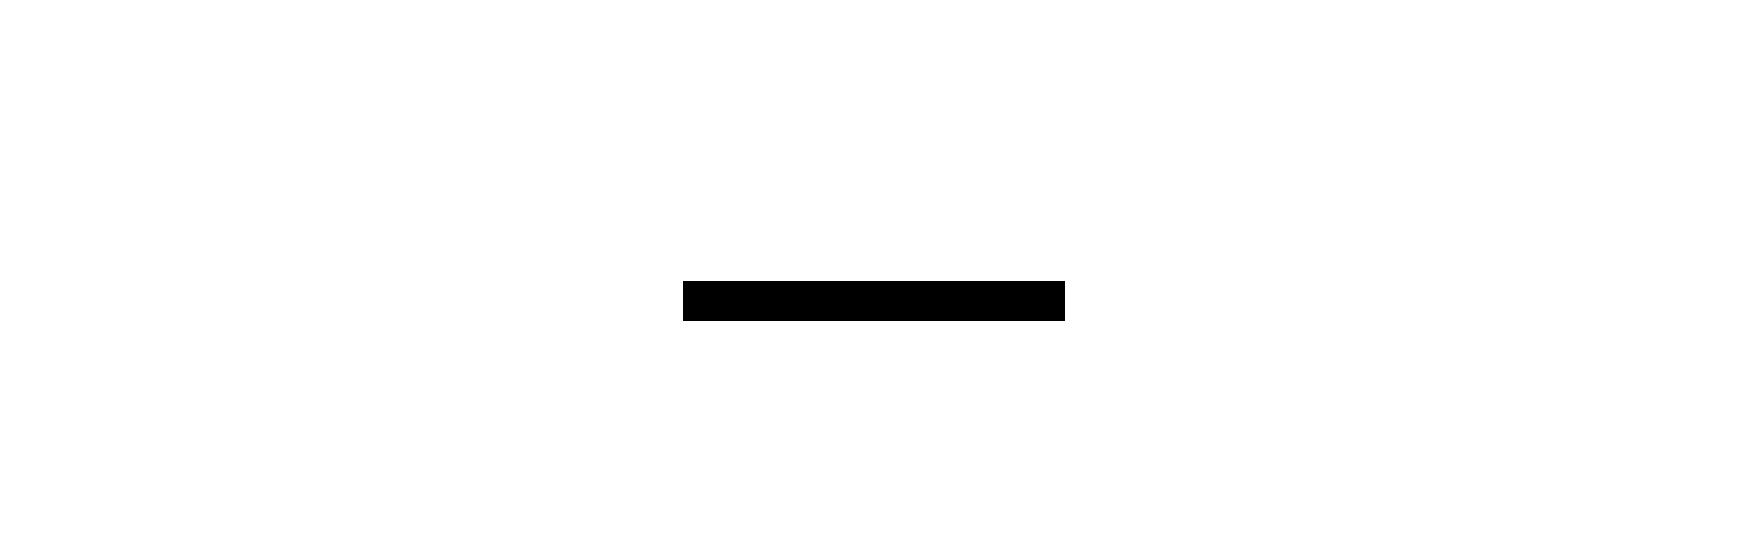 LepageIllus-copie-7